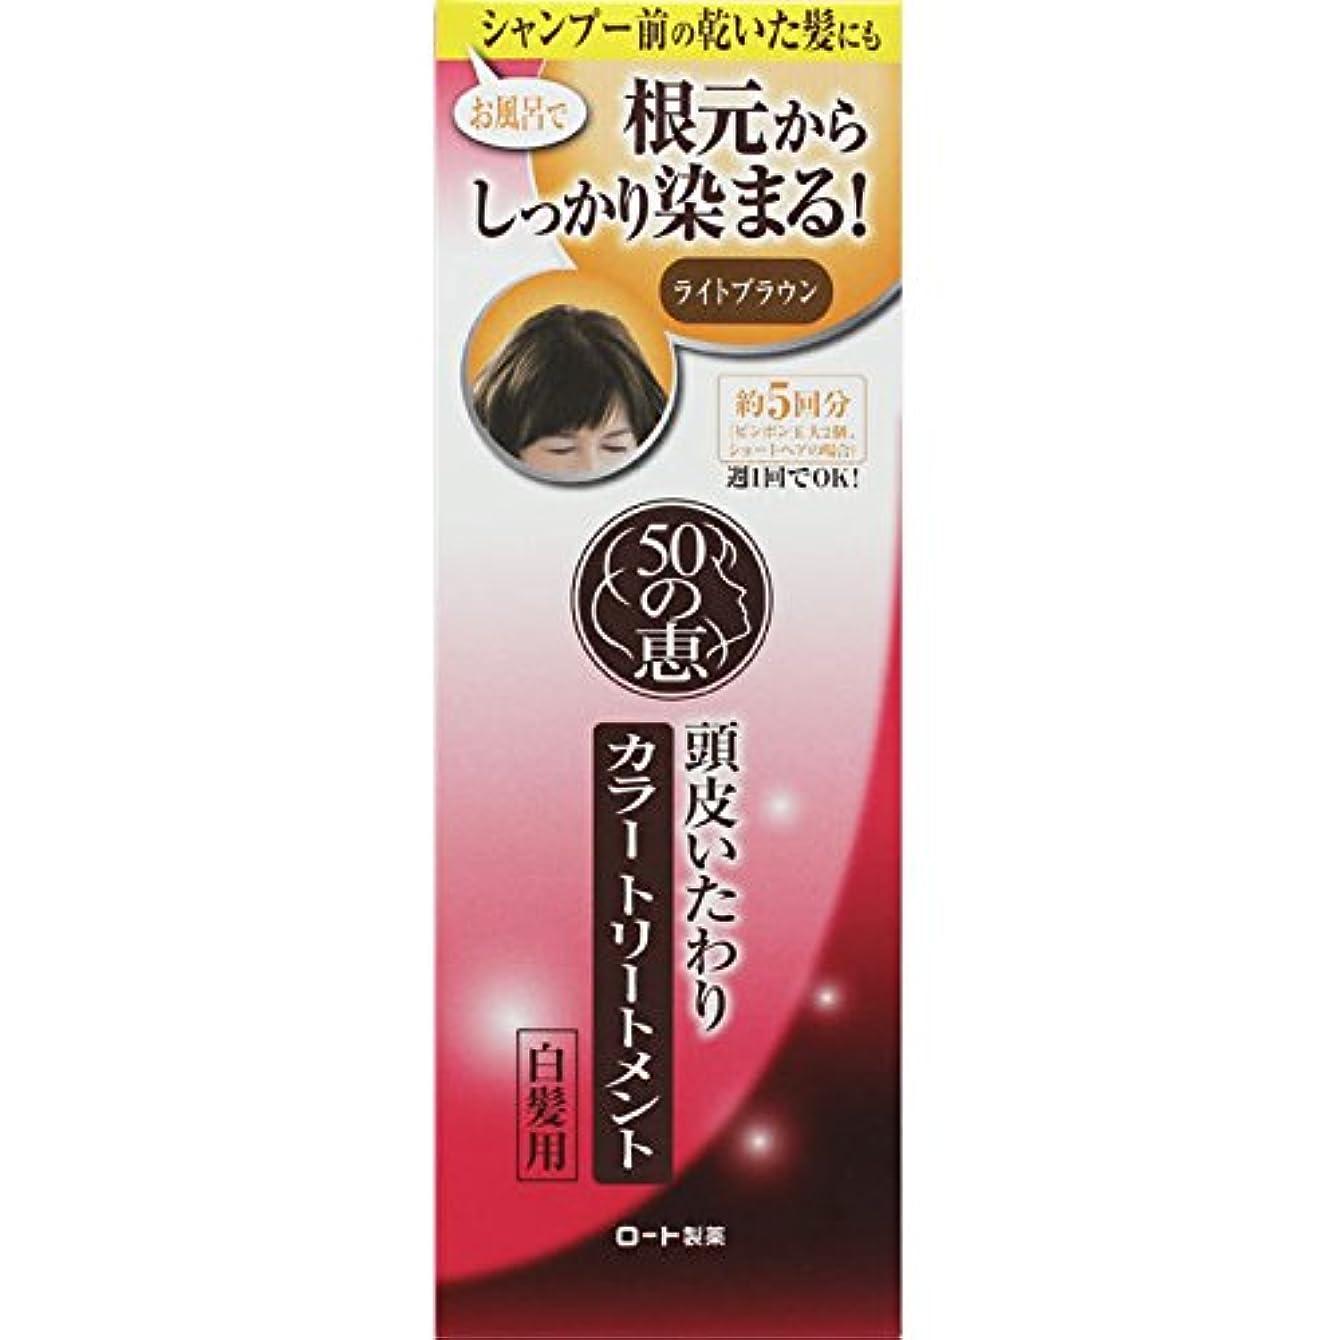 依存する牛手錠ロート製薬 50の恵エイジングケア 頭皮いたわりカラートリートメント ライトブラウン 150g